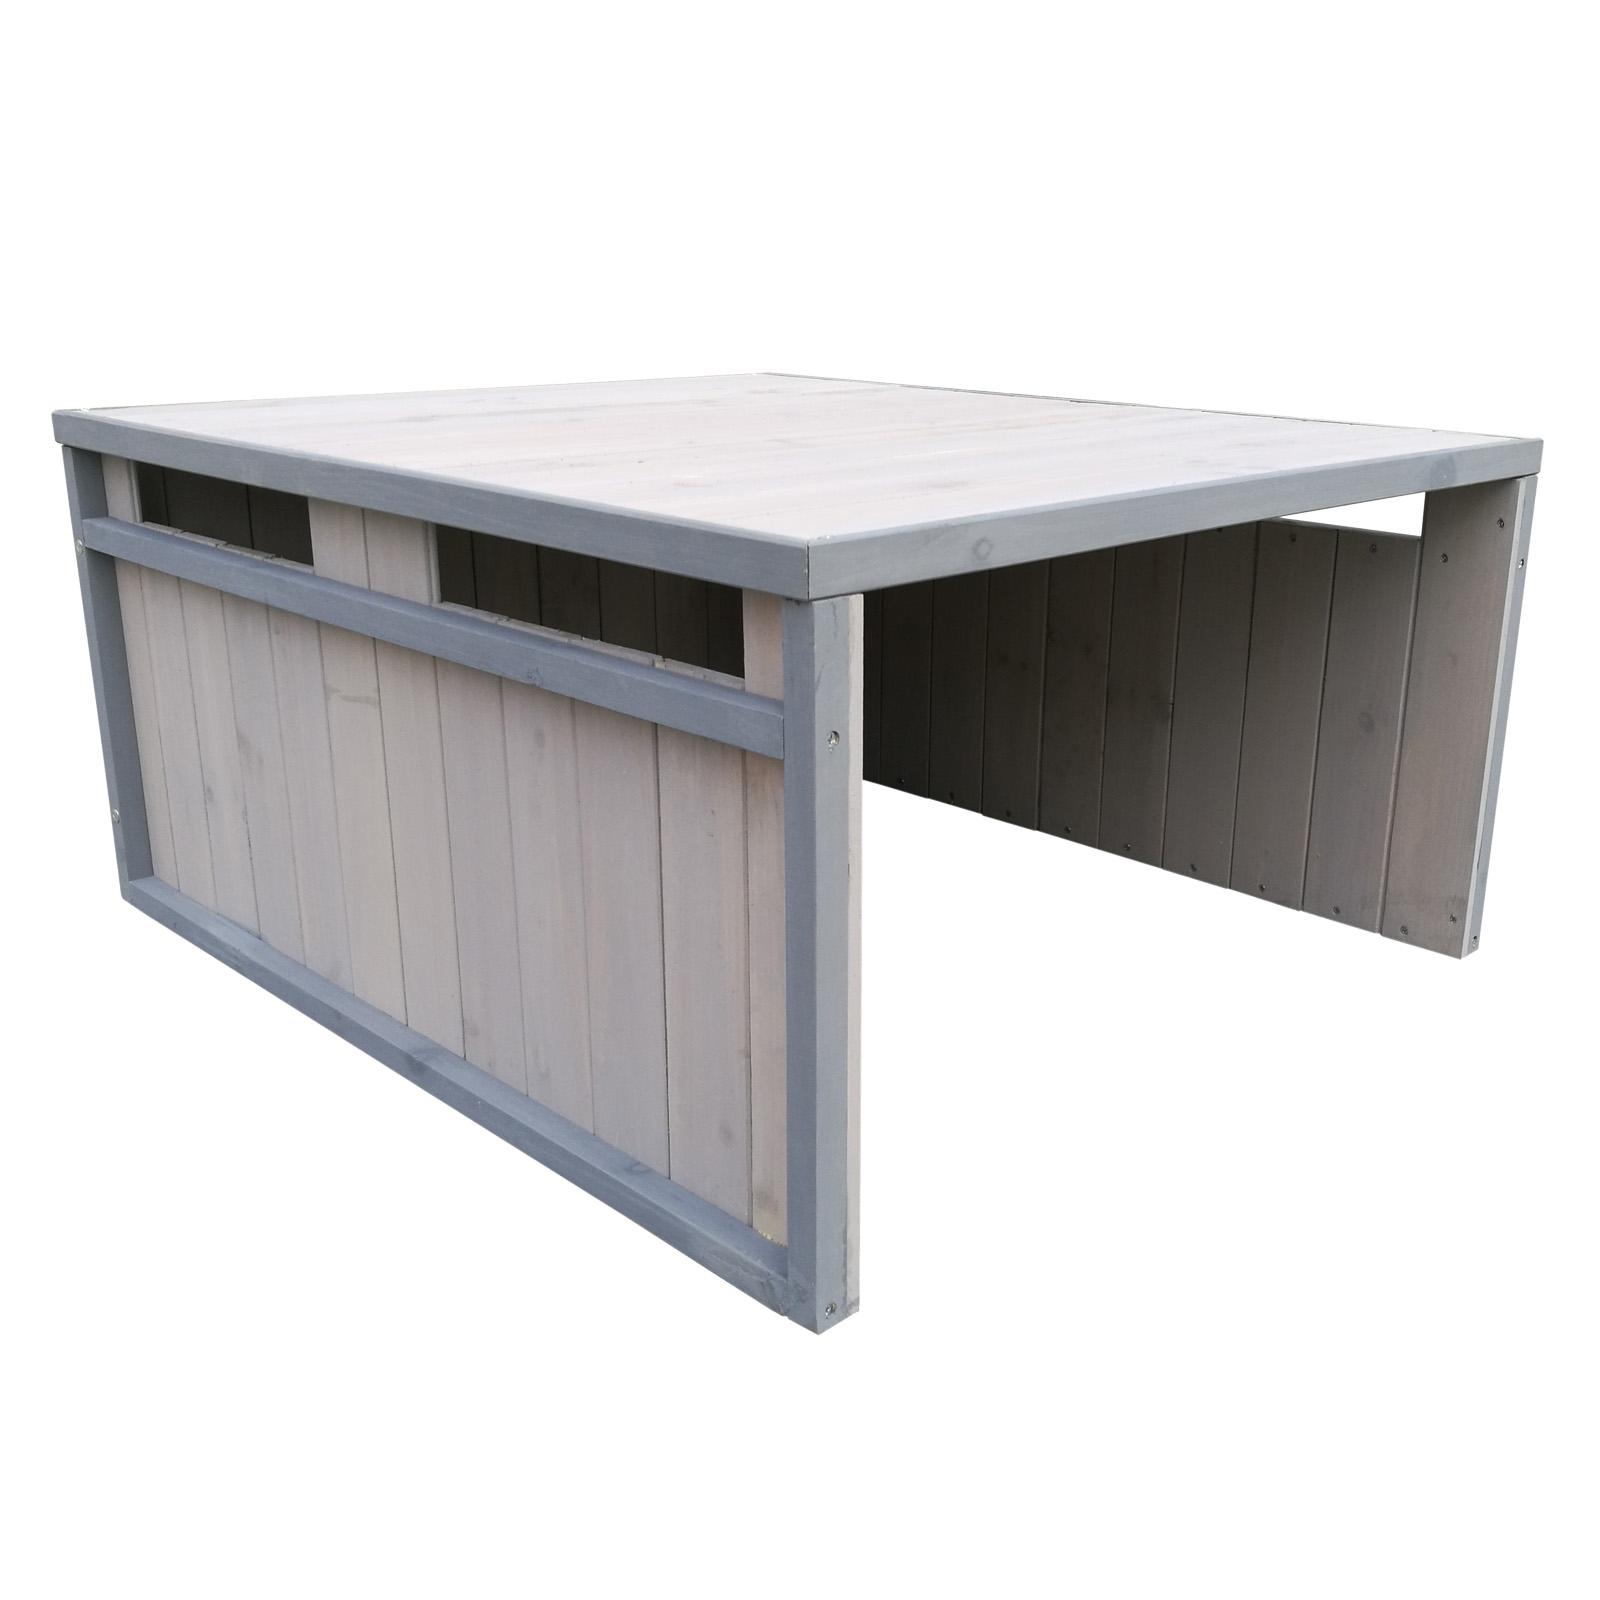 Garage robot tondeuse toit en pente bois massif abri automower gris 80x70x38cm ebay - Protection toit abri de jardin ...